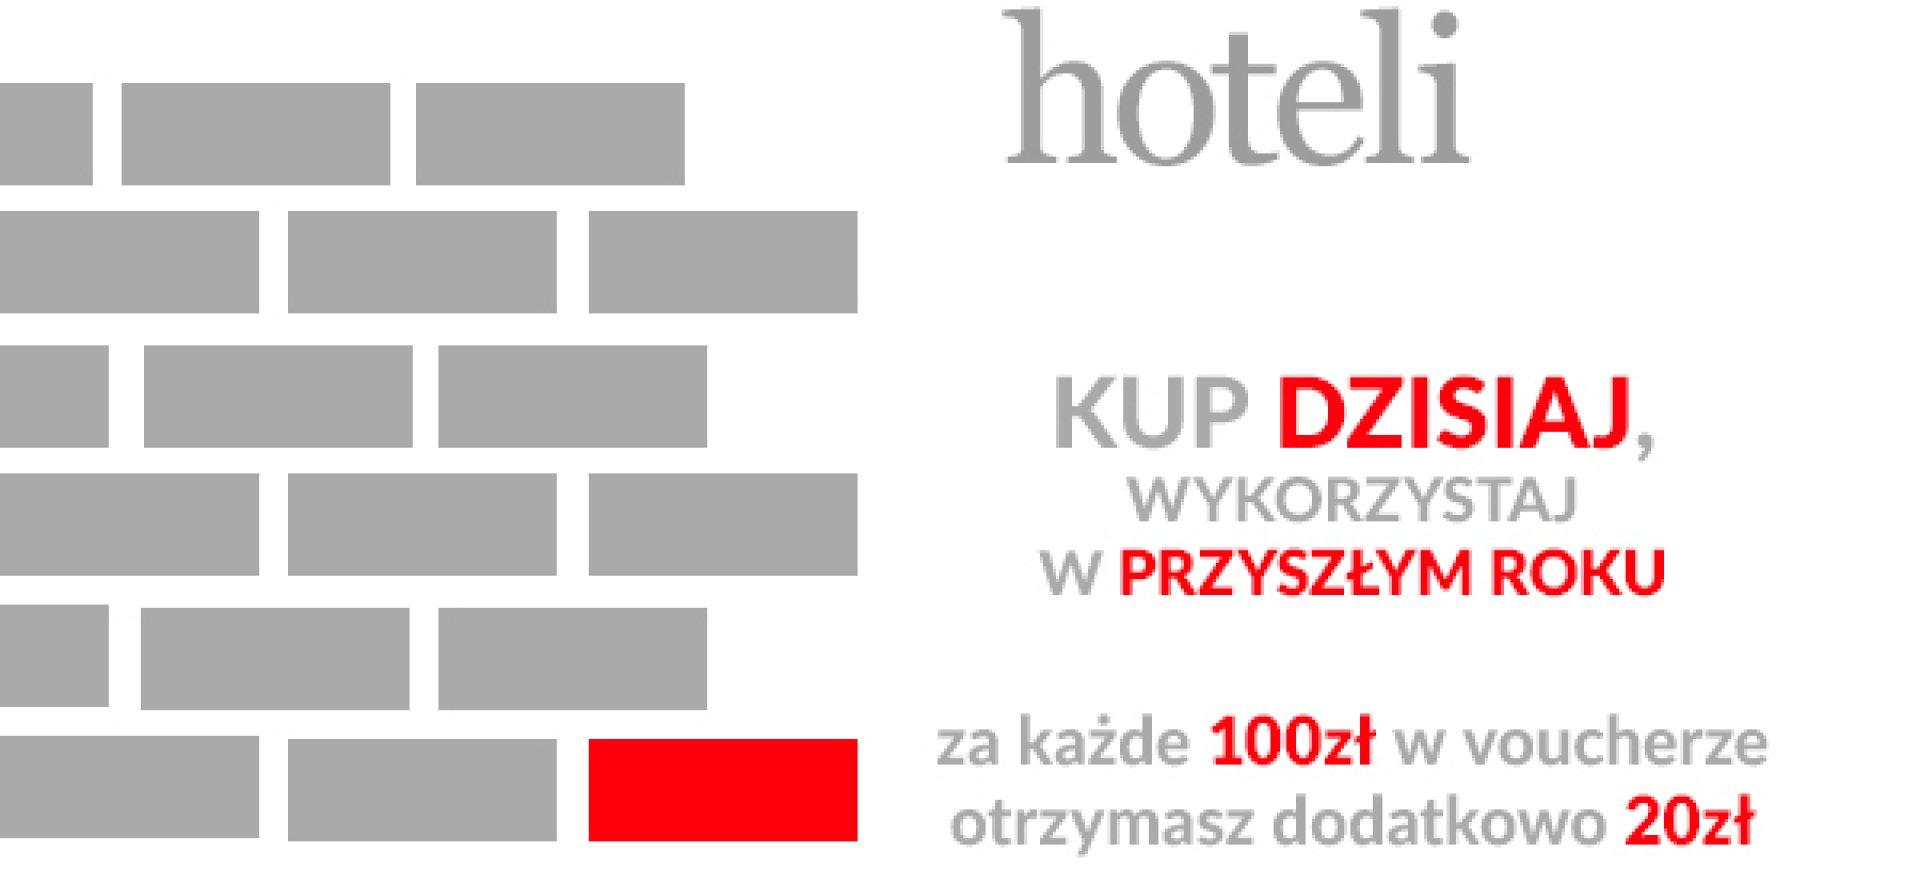 VOUCHER - CEGIEŁKA DLA HOTELI #ratujmynaszemiejscapracy